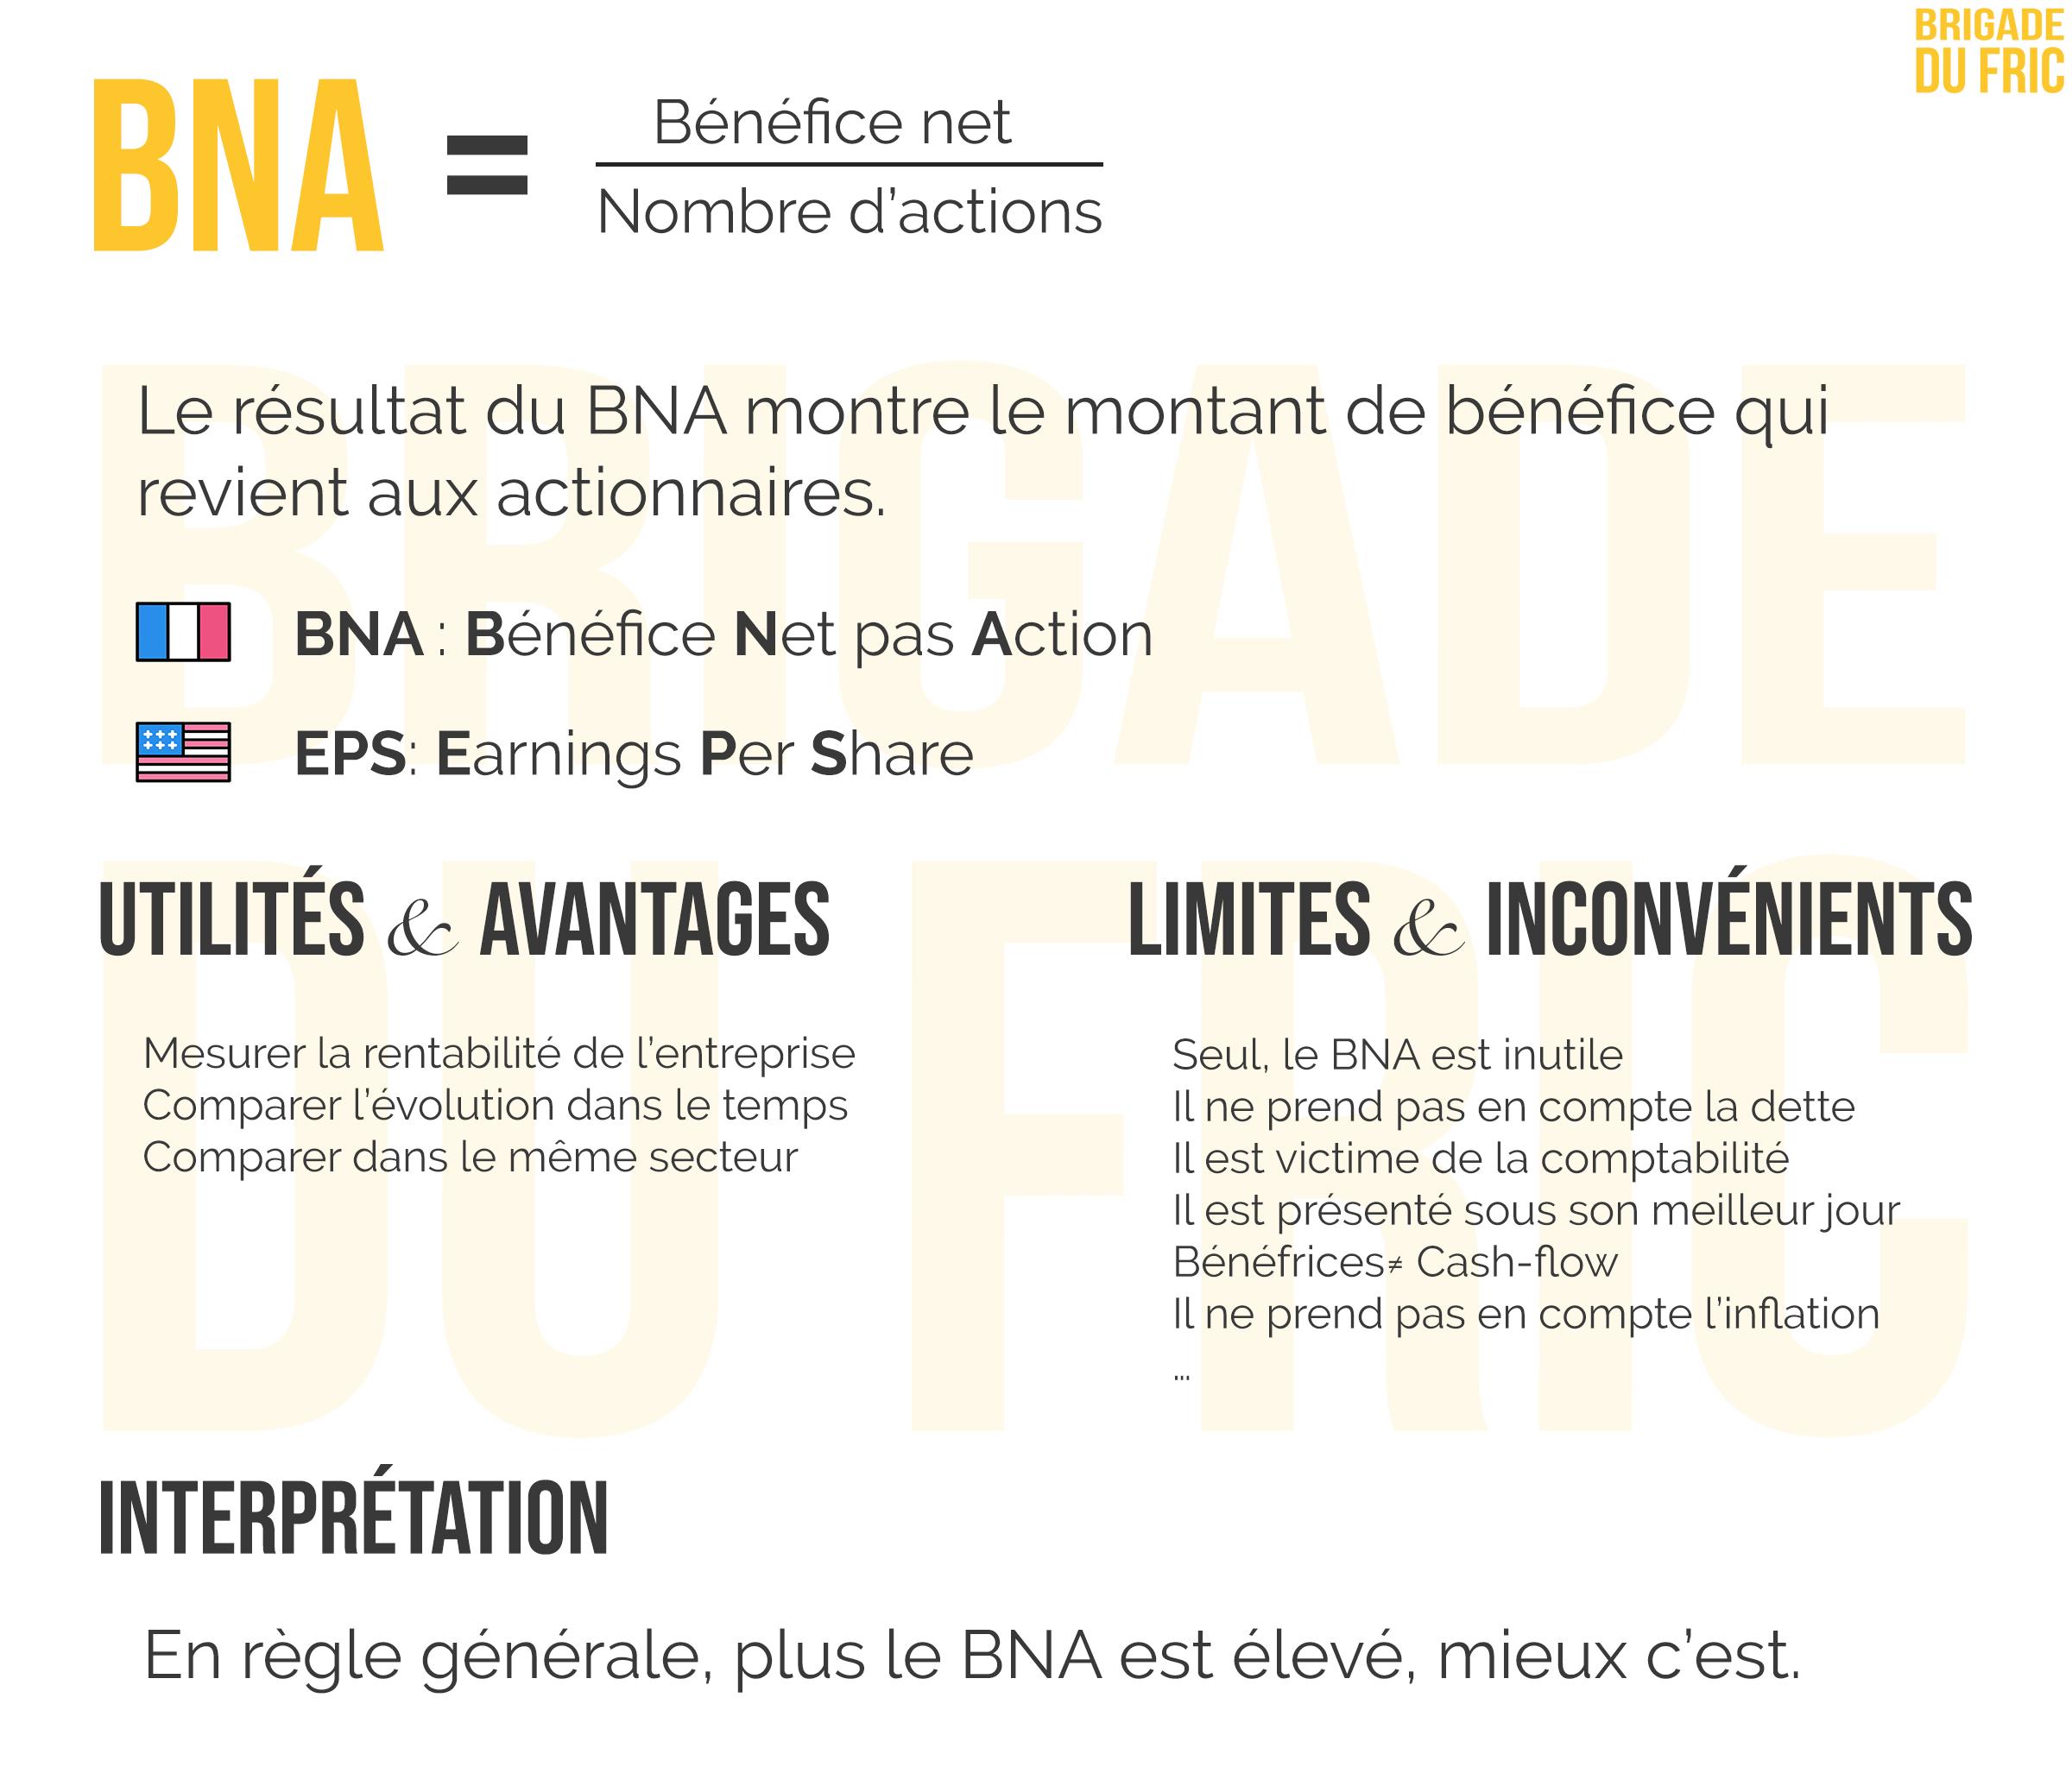 Bourse BNA - Bénéfice Net par Action - fiche résumé